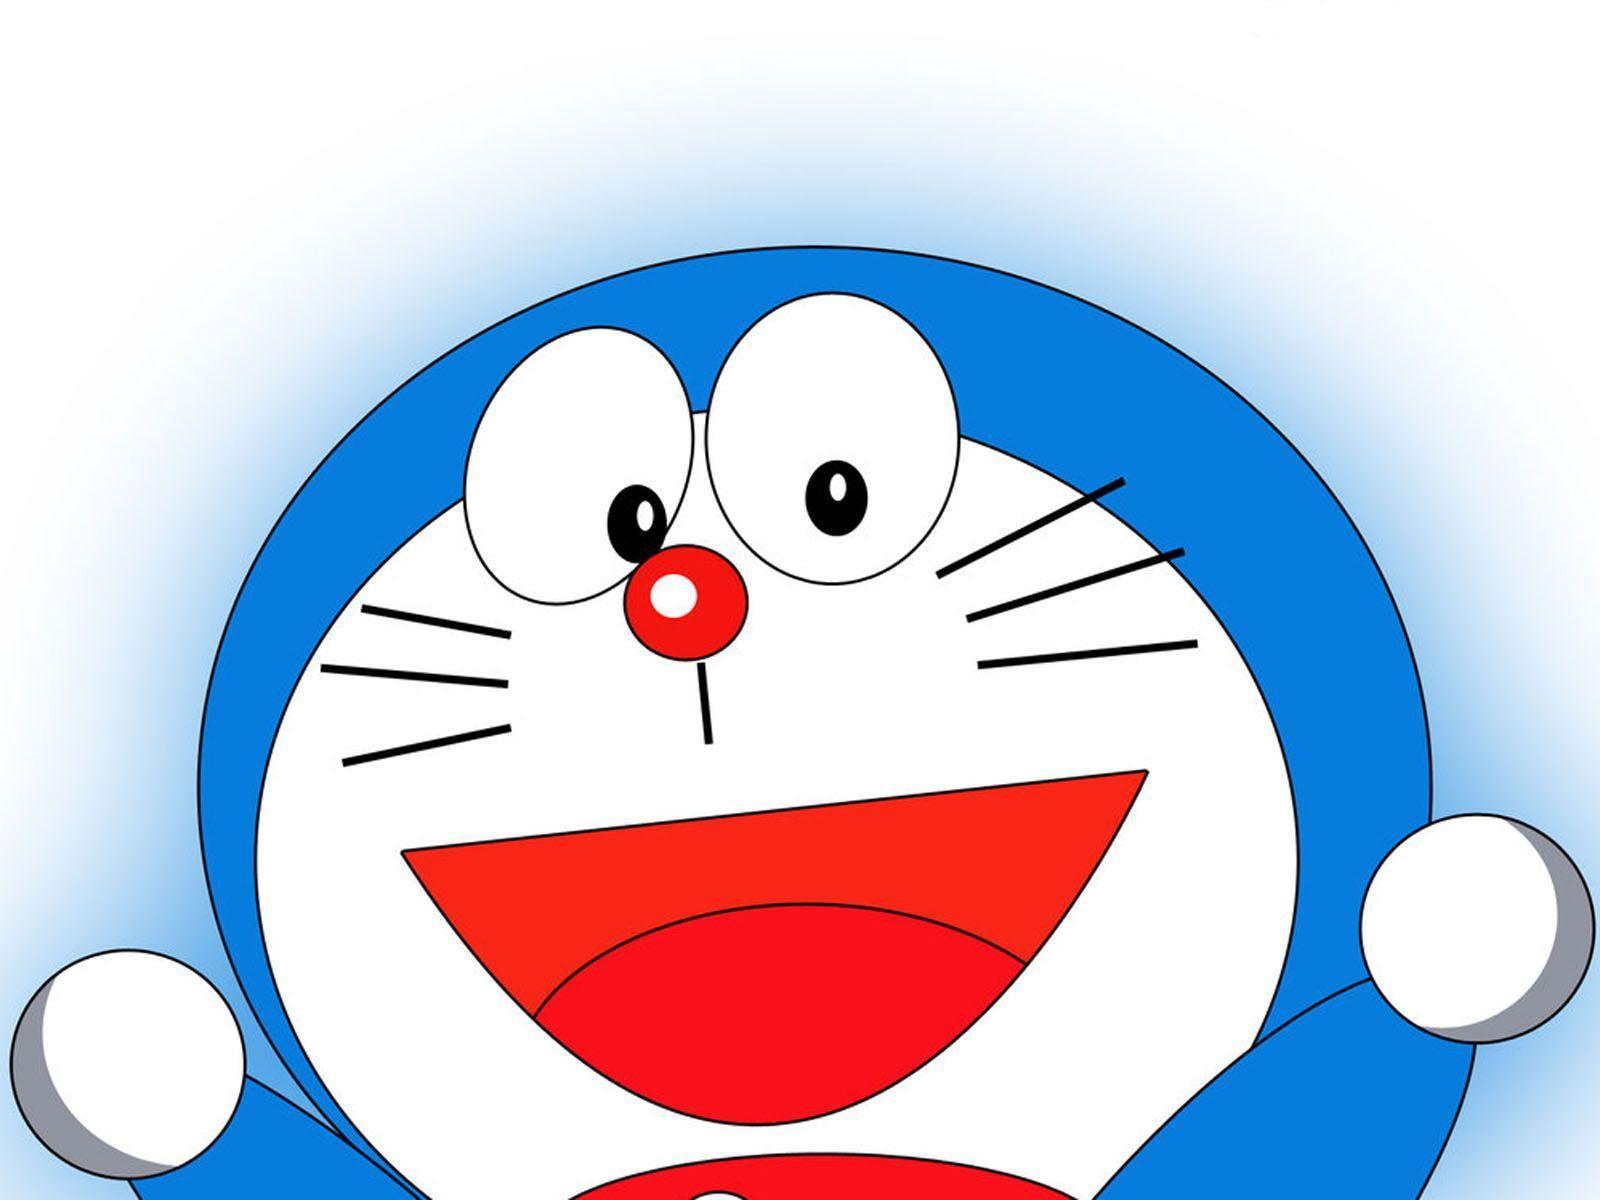 Hình nền doraemon 1600x1200 HD.  Hình nền Chất lượng HD.  Doraemon, Gambar